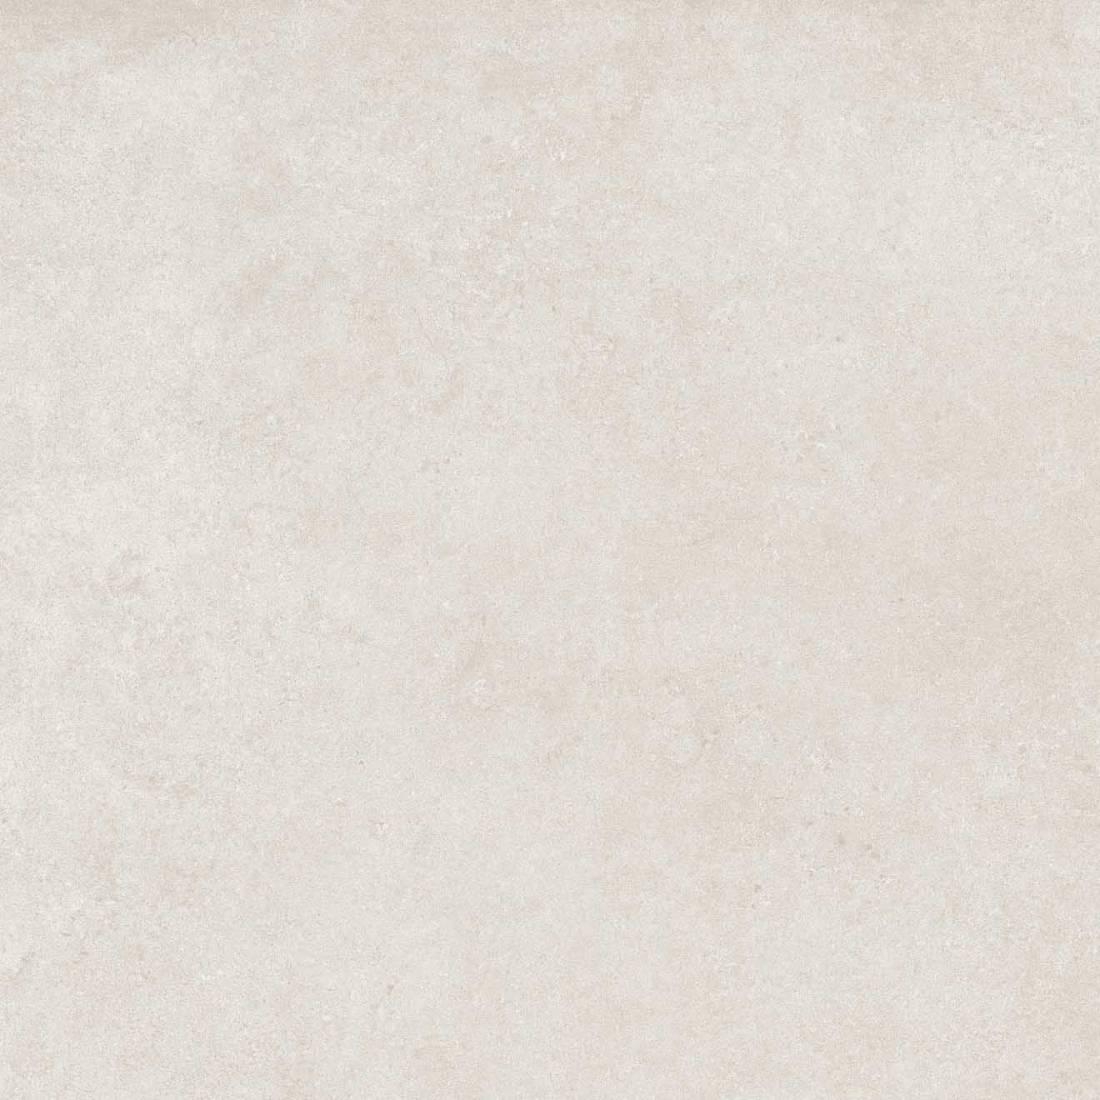 Belgravia 47x47 Marfil Matt 1